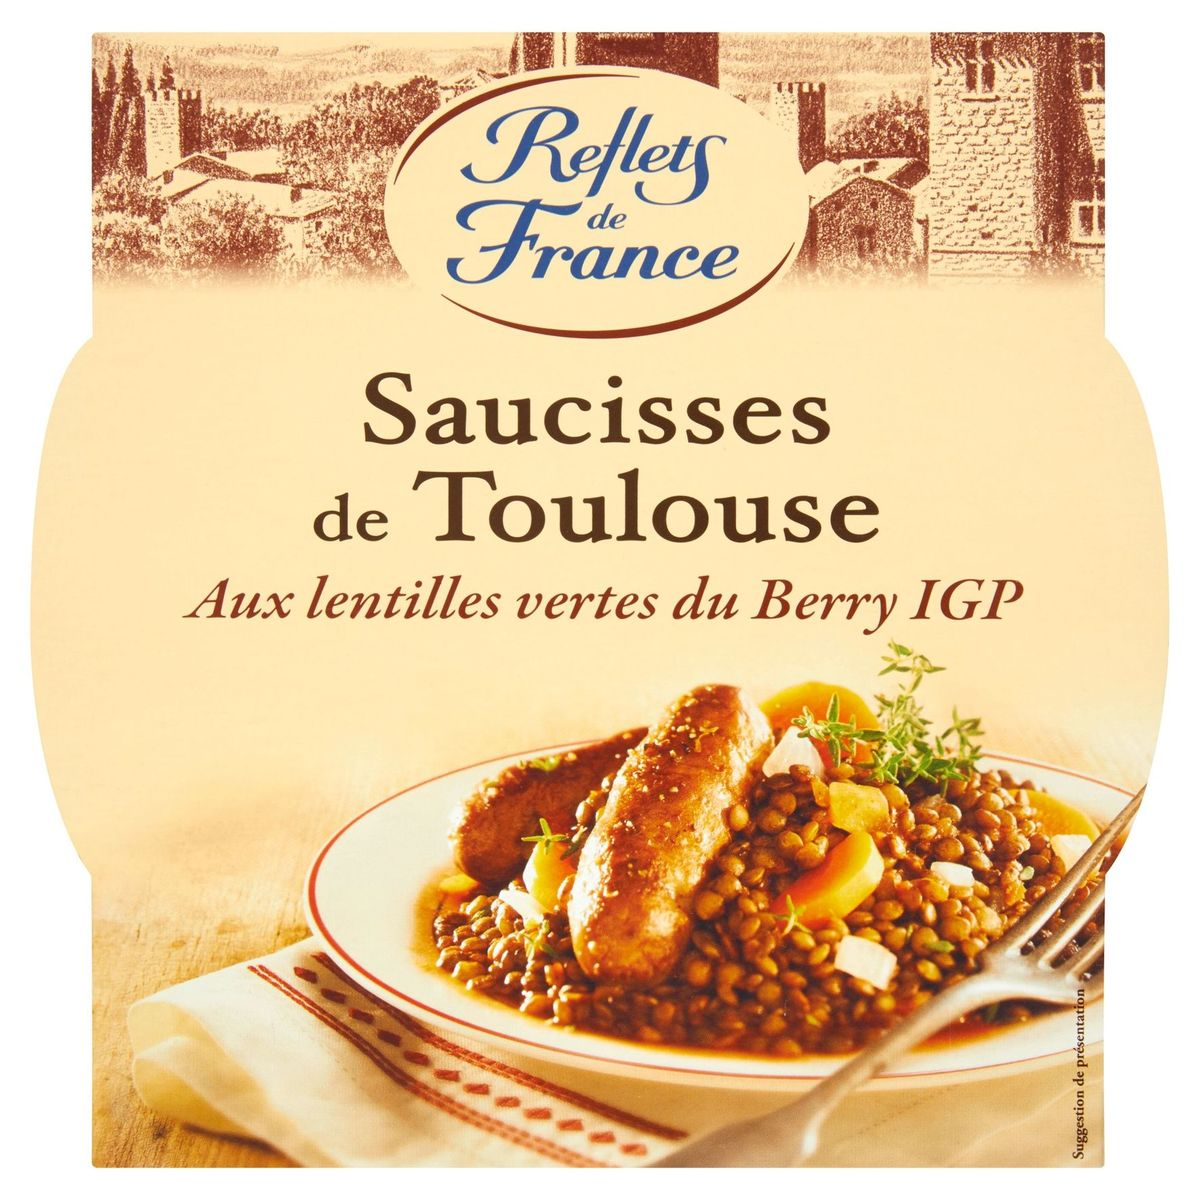 Reflets de France Saucisses de Toulouse 300 g